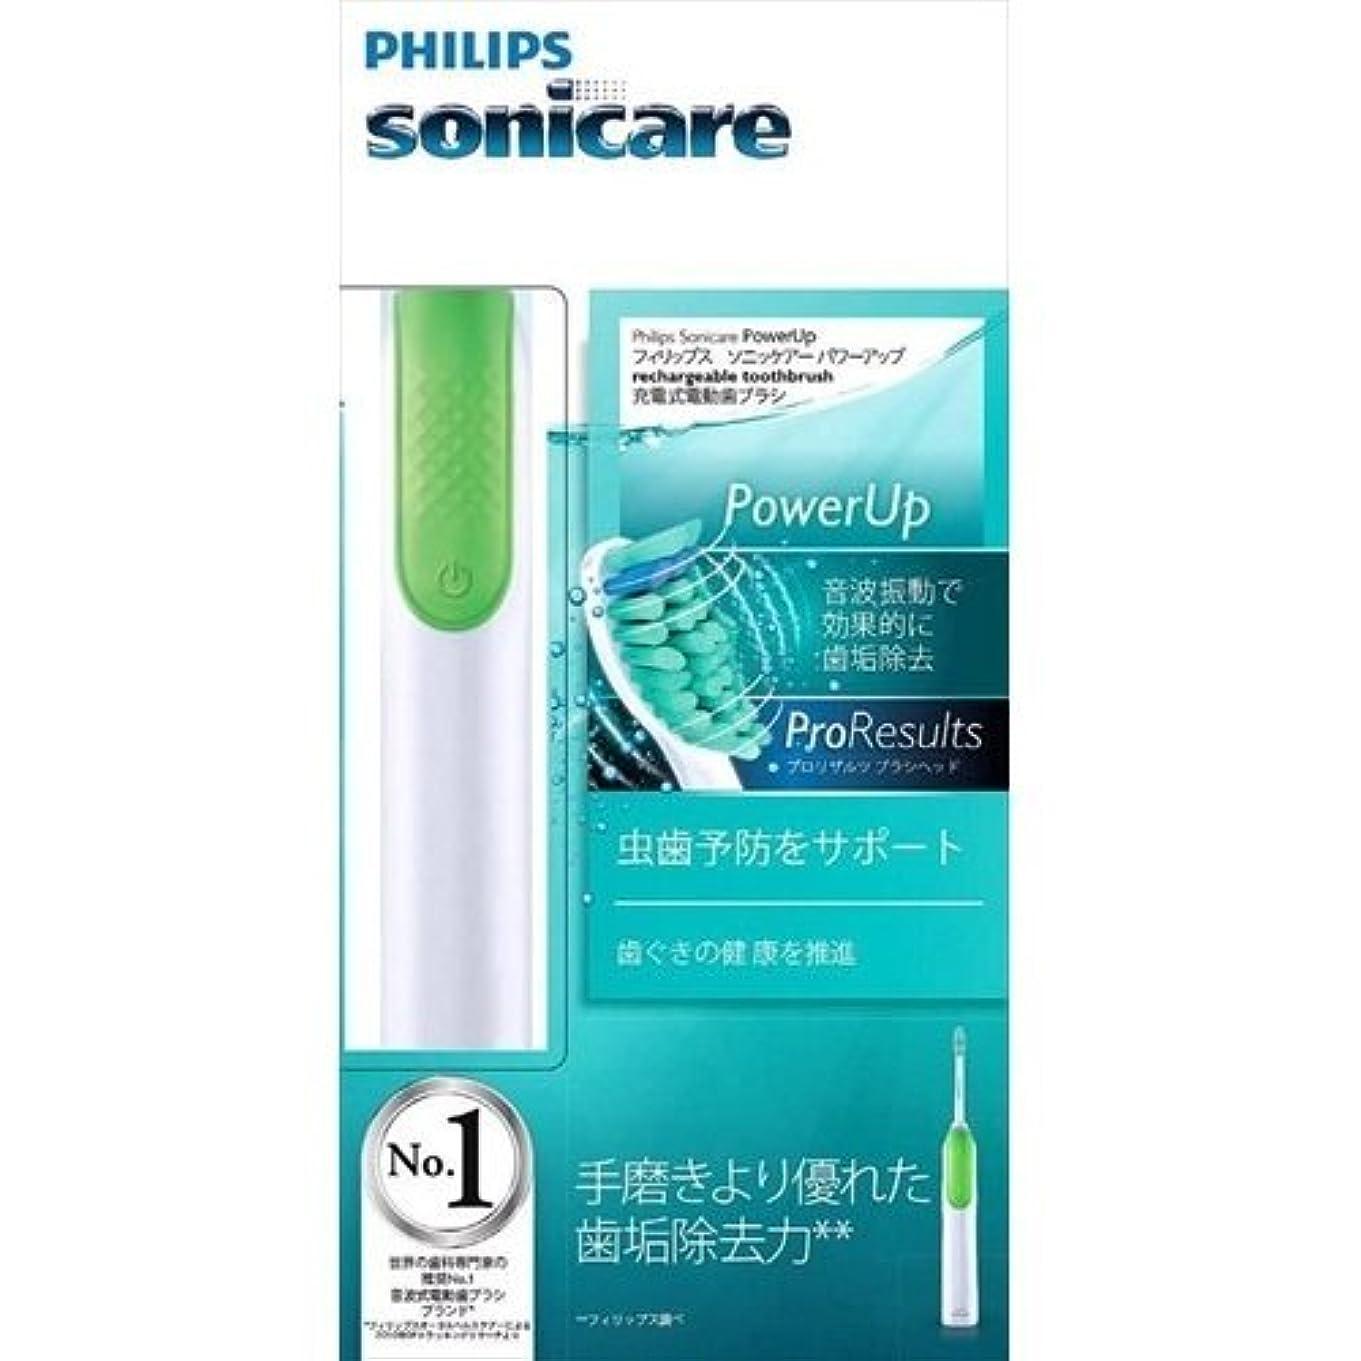 喜劇安西実施するPHILIPS Sonicare(ソニッケアー)パワーアップ音波式電動歯ブラシ HX3110